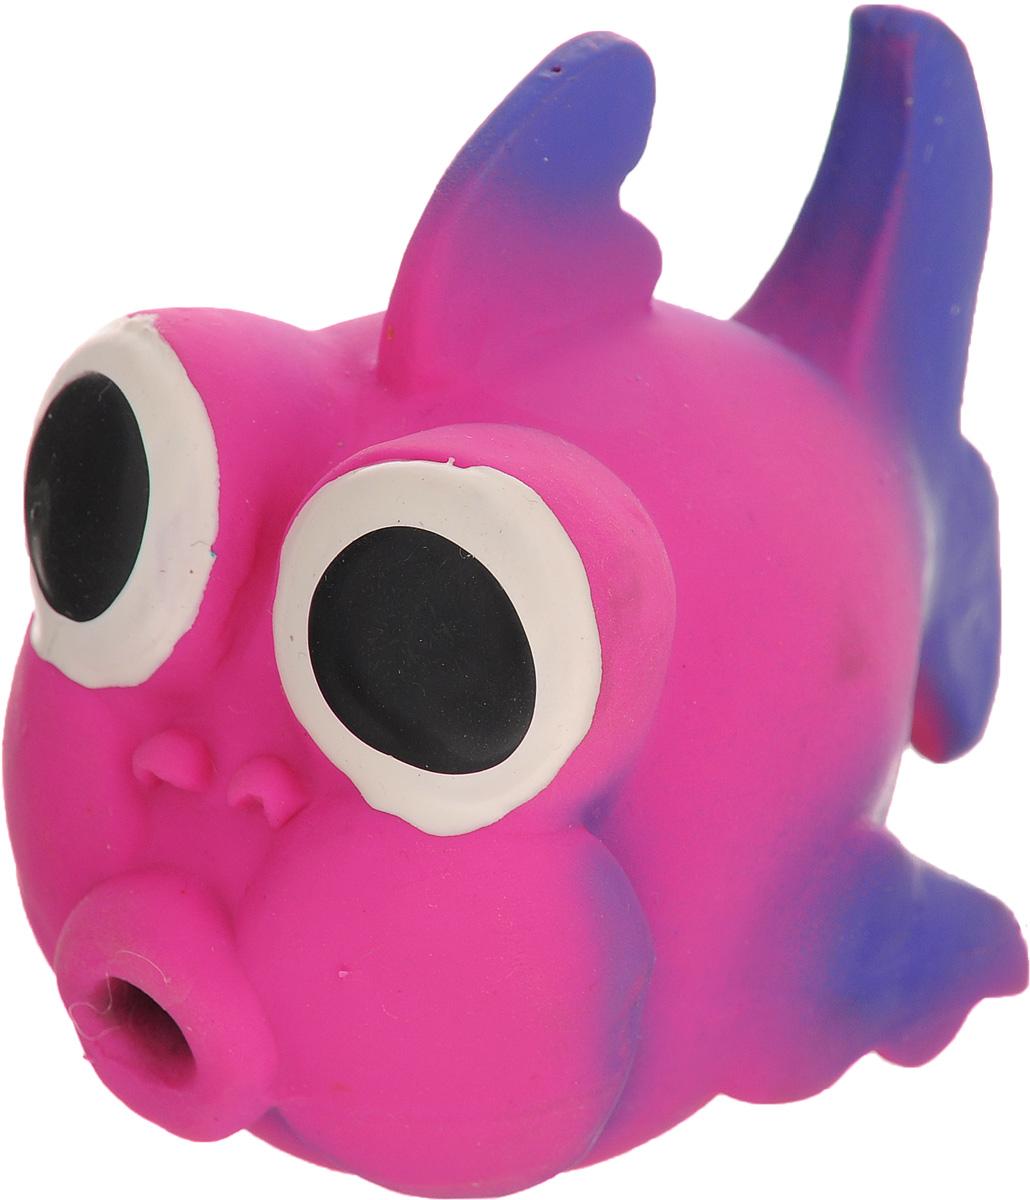 Игрушка для собак Beeztees I.P.T.S. Рыбка, цвет: розовый, фиолетовый16263/620875_розовый, фиолетовыйИгрушка для собак Beeztees I.P.T.S. изготовлена из безопасного латекса в форме забавной рыбки с большими глазами. Игрушка снабжена пищалкой. Предназначена для игр с собаками разных возрастов. Такая игрушка привлечет внимание вашего любимца и не оставит его равнодушным.